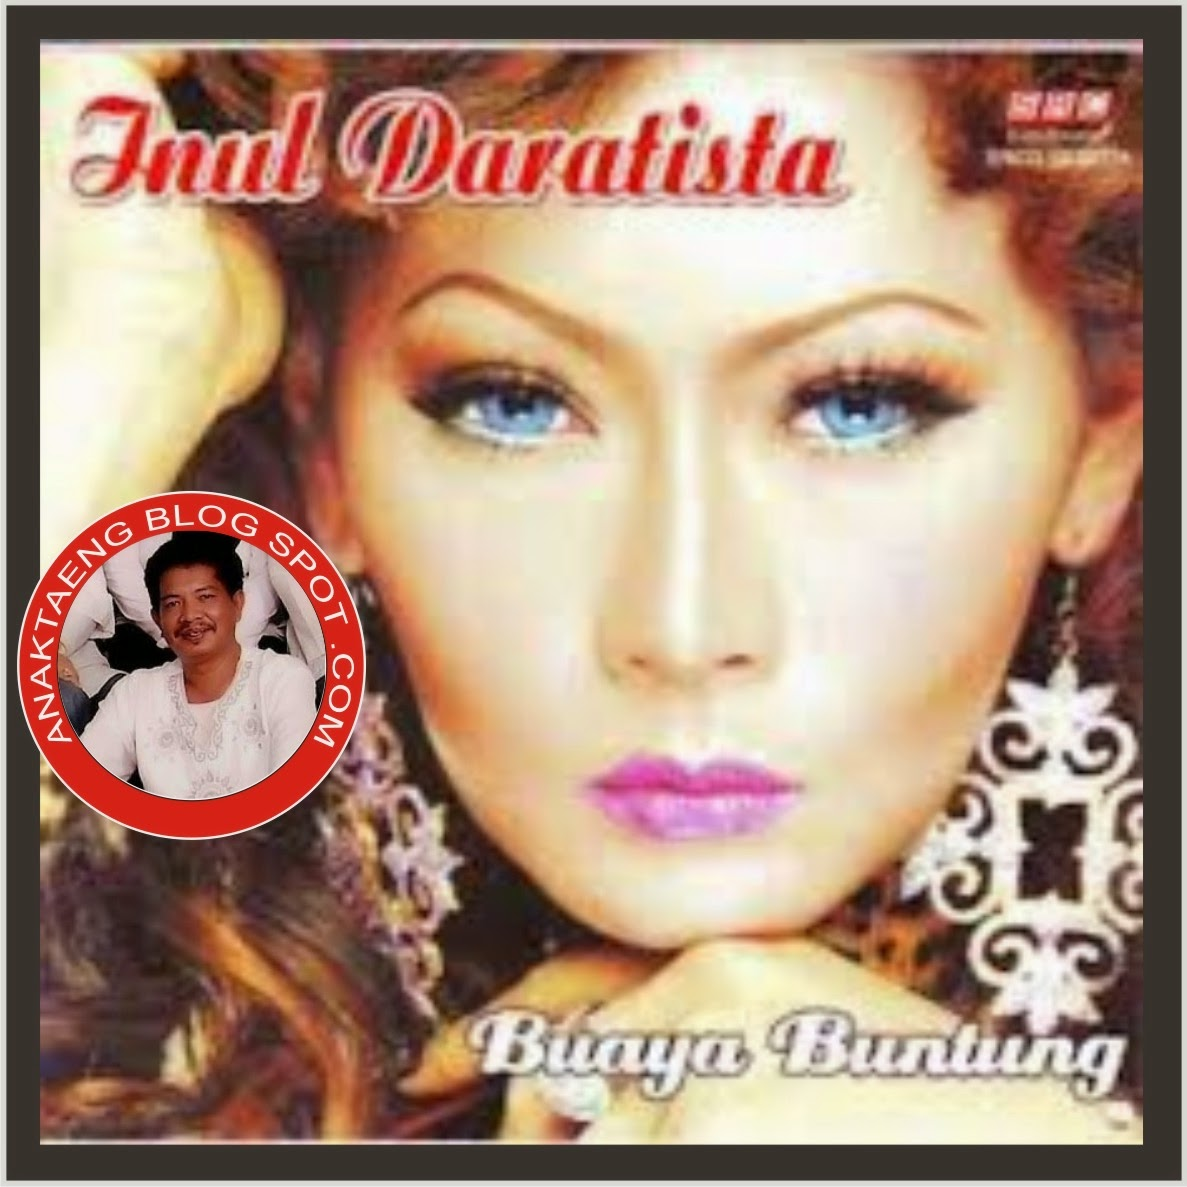 Download Lagu Goyang Maimuna: Download Lagu Untuk Dikenang (by Anak Taeng): Inul